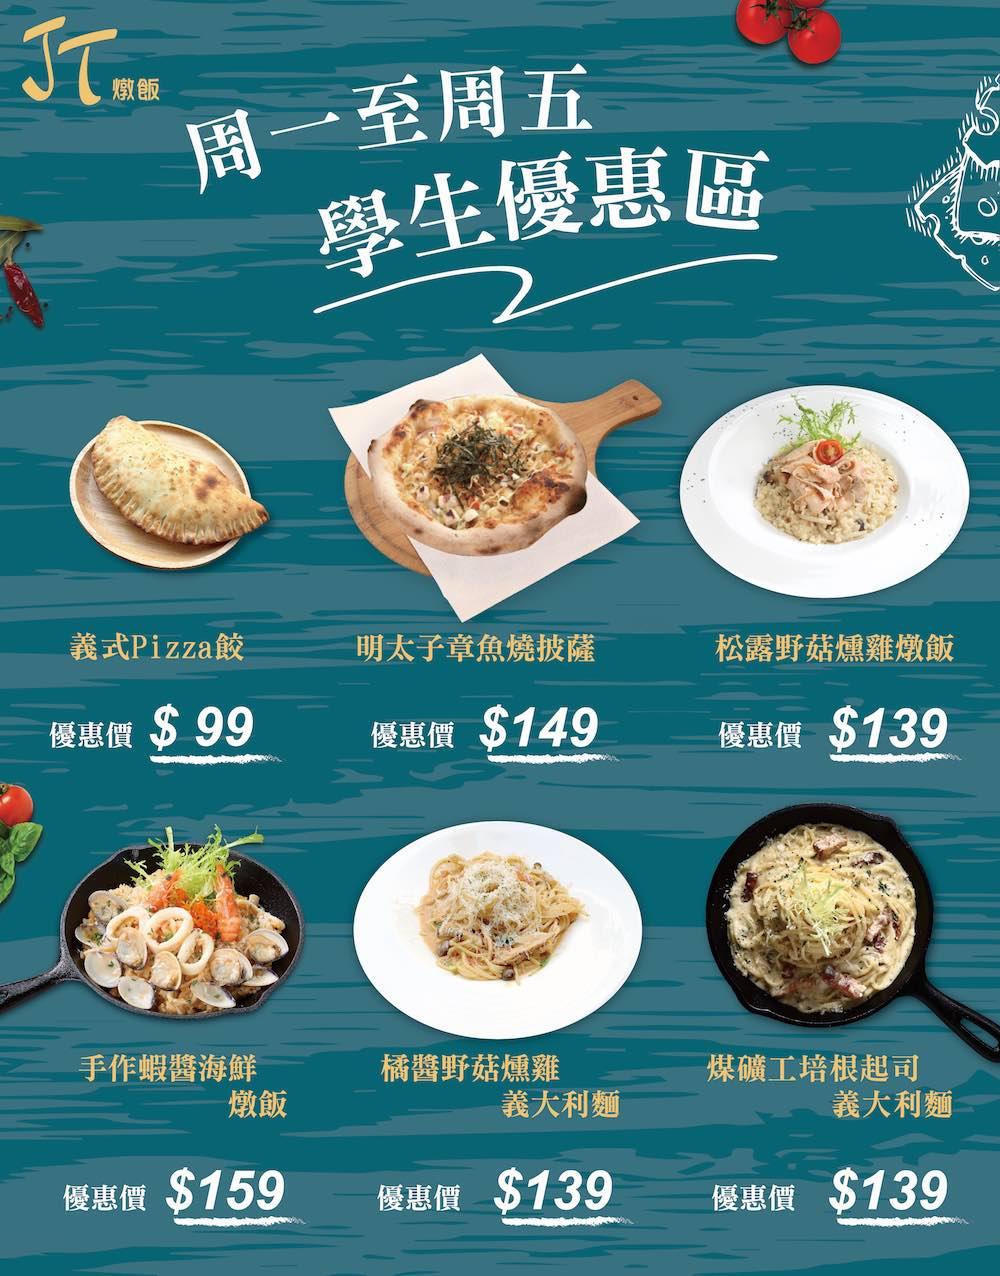 JT燉飯 平日學生套餐